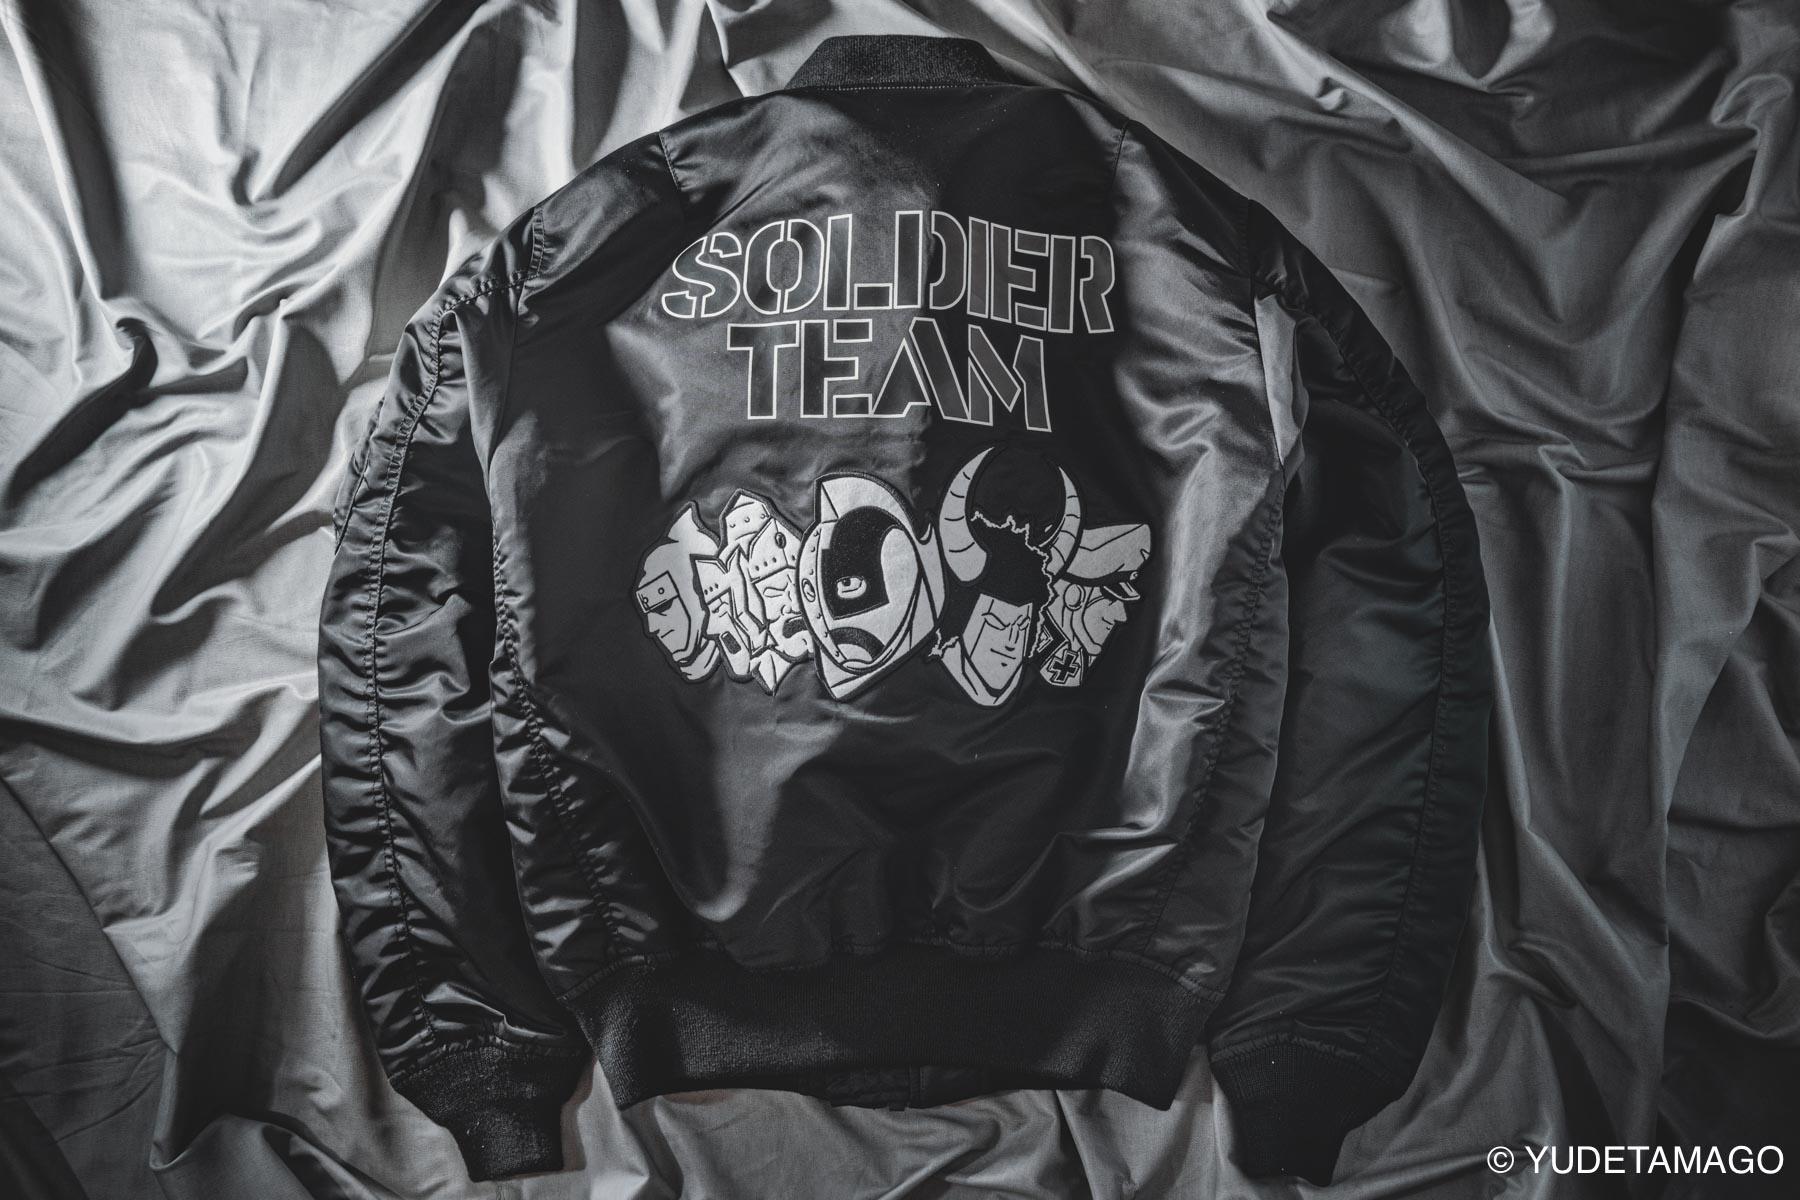 キン肉マン×AVIREX MA-1 [SOLDIER TEAM]